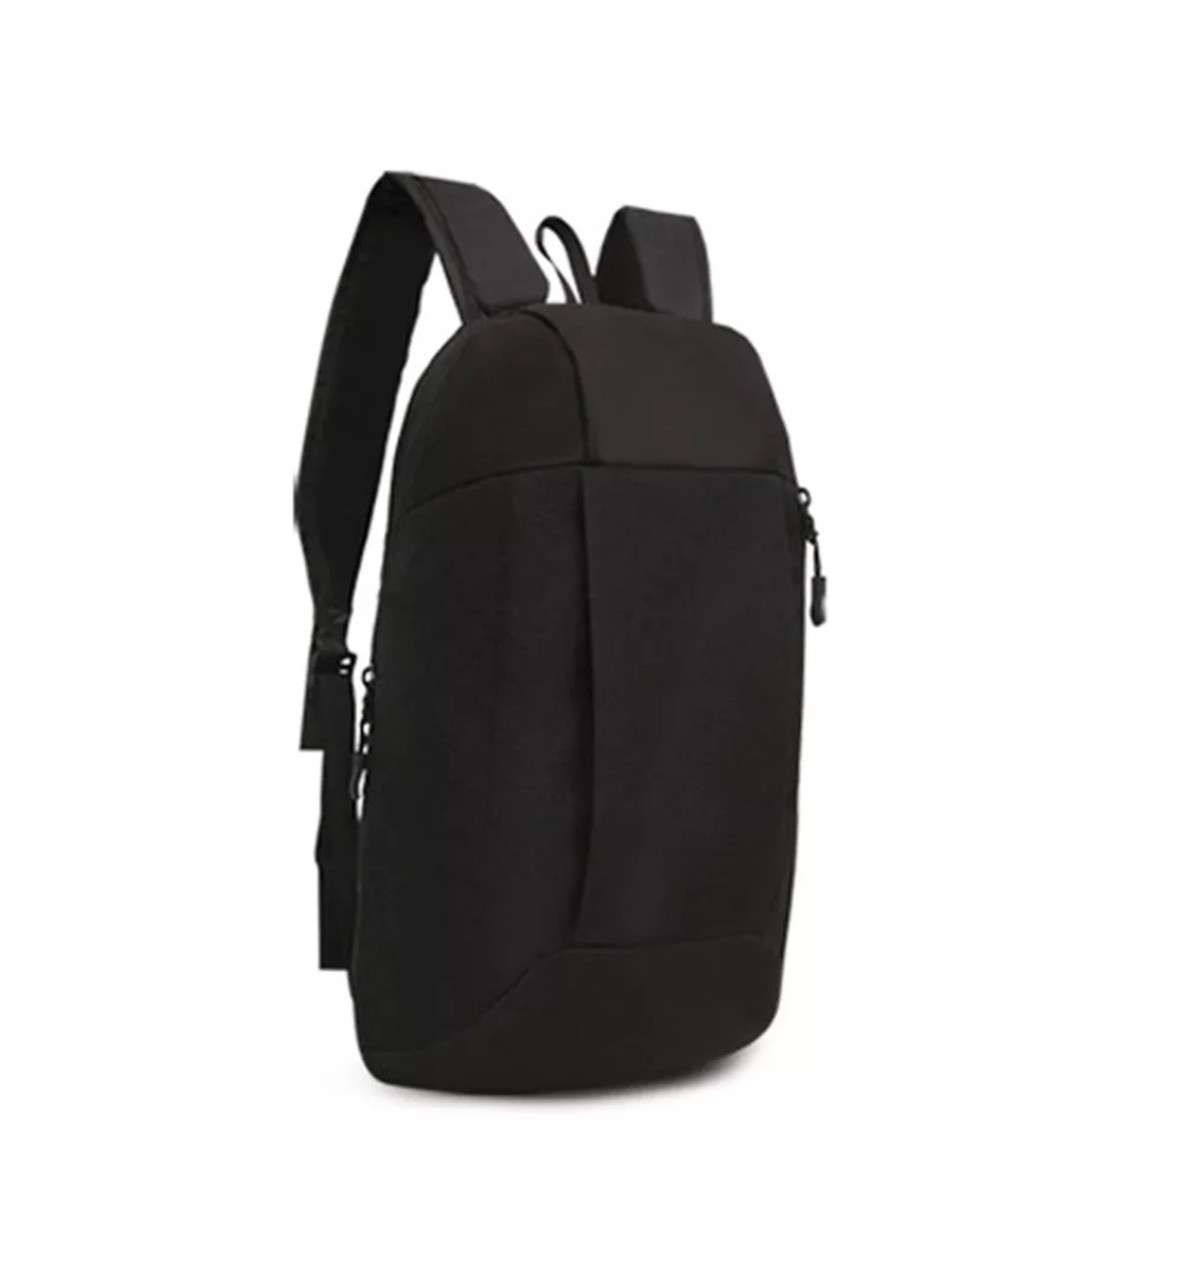 Спортивный и городской рюкзак для мужчин и женщин вместительный «Cool Handbag» в чёрном цвете